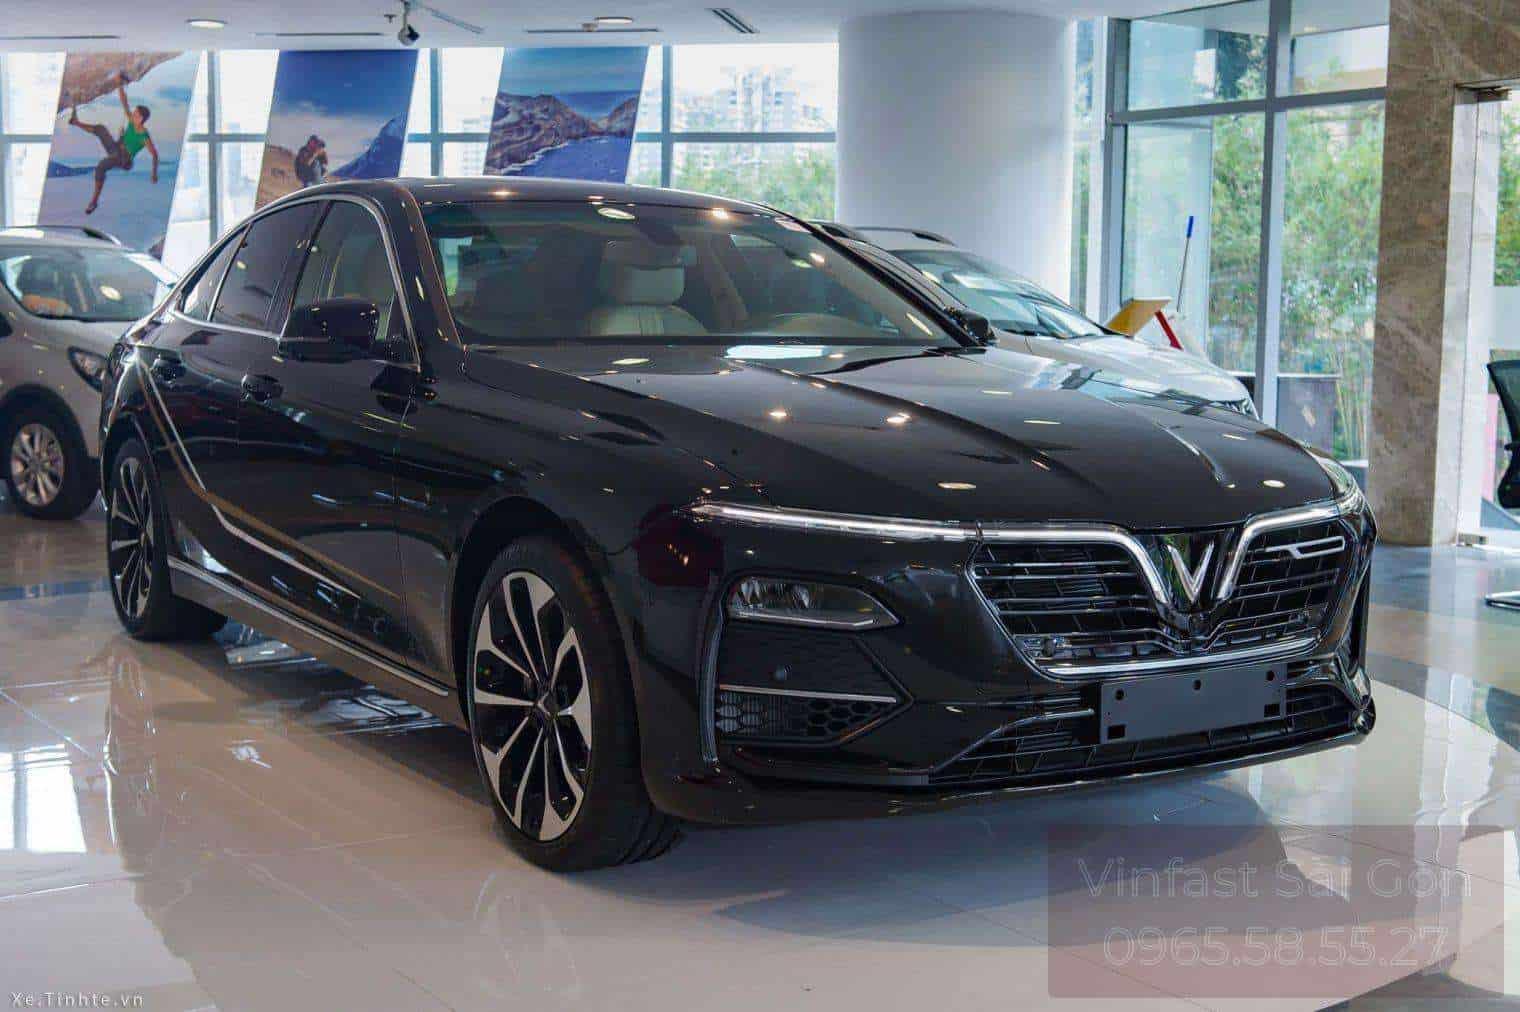 xe VinFast Lux A2.0 màu đen bản cao cấp đang được trưng bày trong showroom vinfast